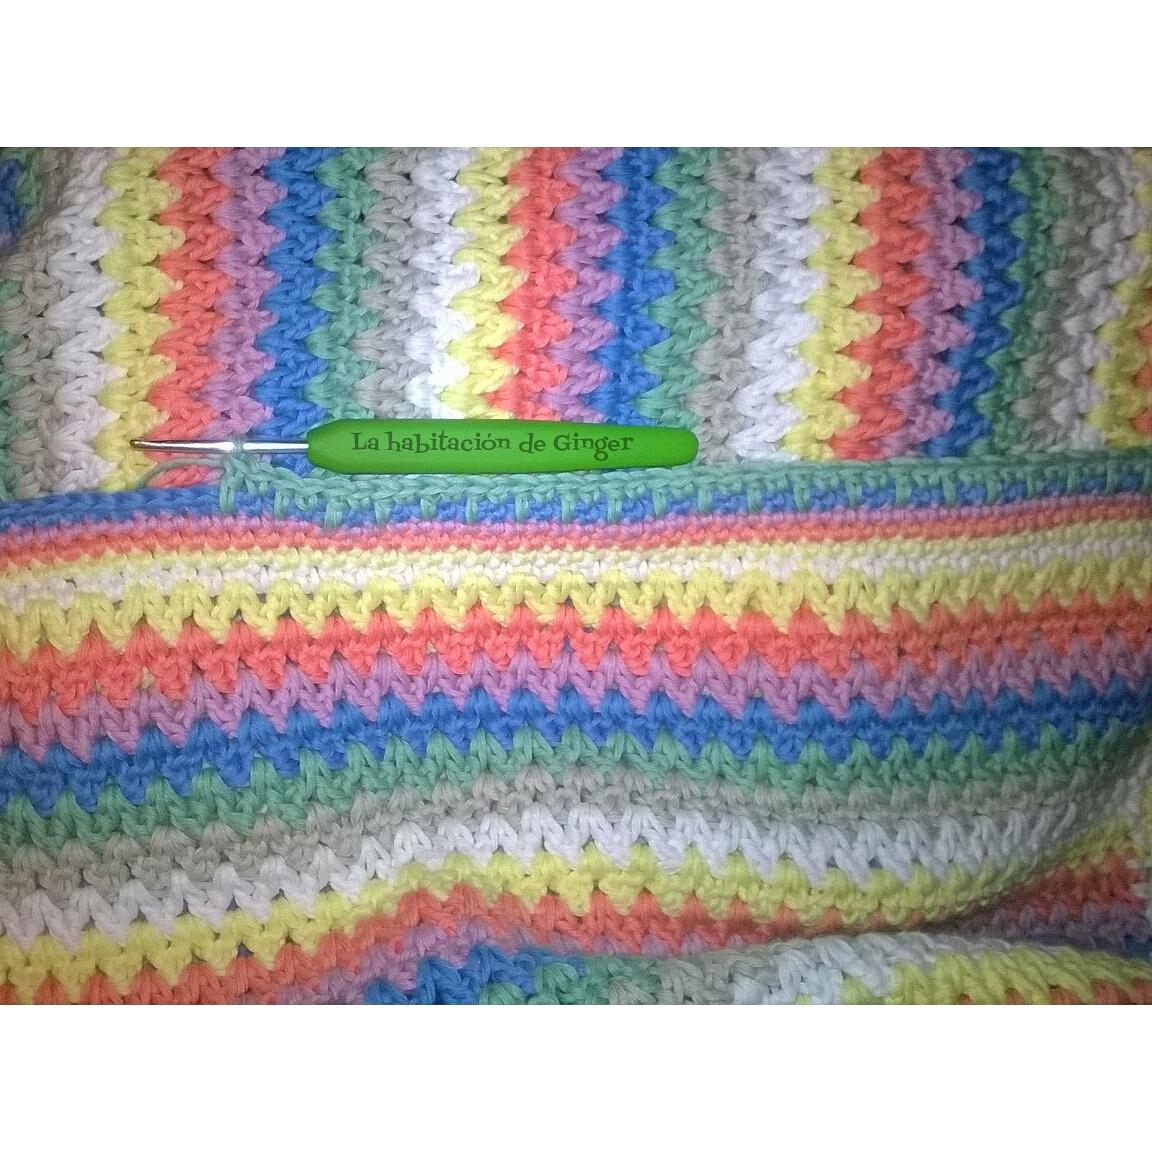 La habitación de Ginger: Manta arco iris.